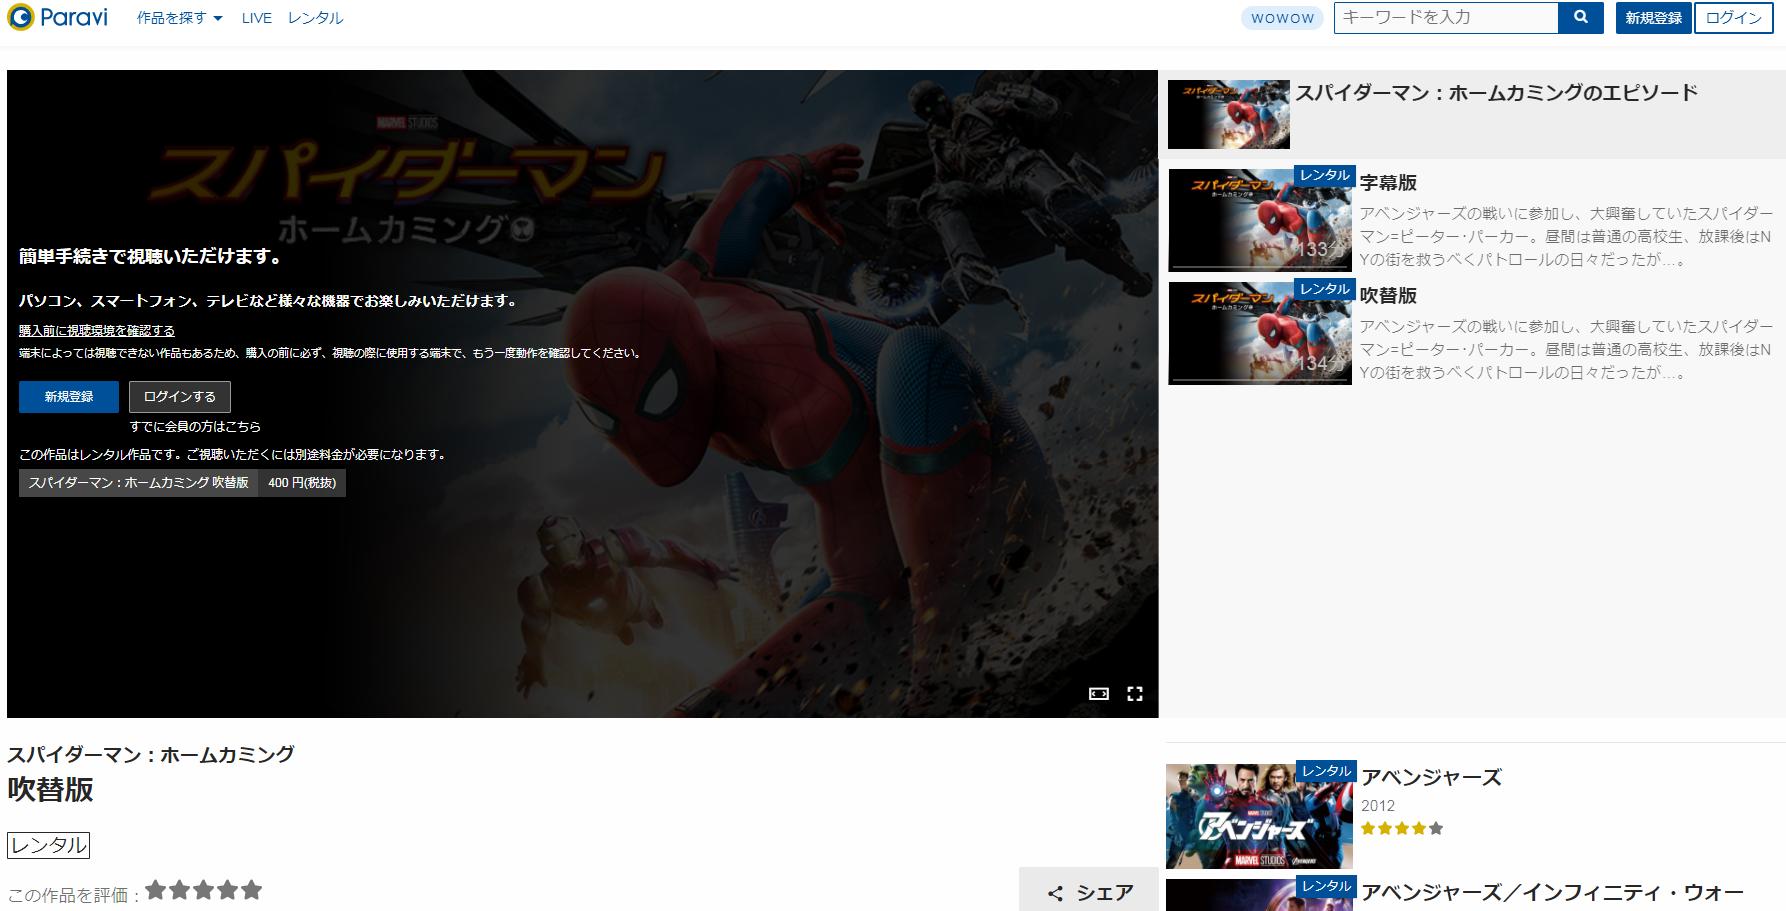 スパイダーマンホームカミング paravi